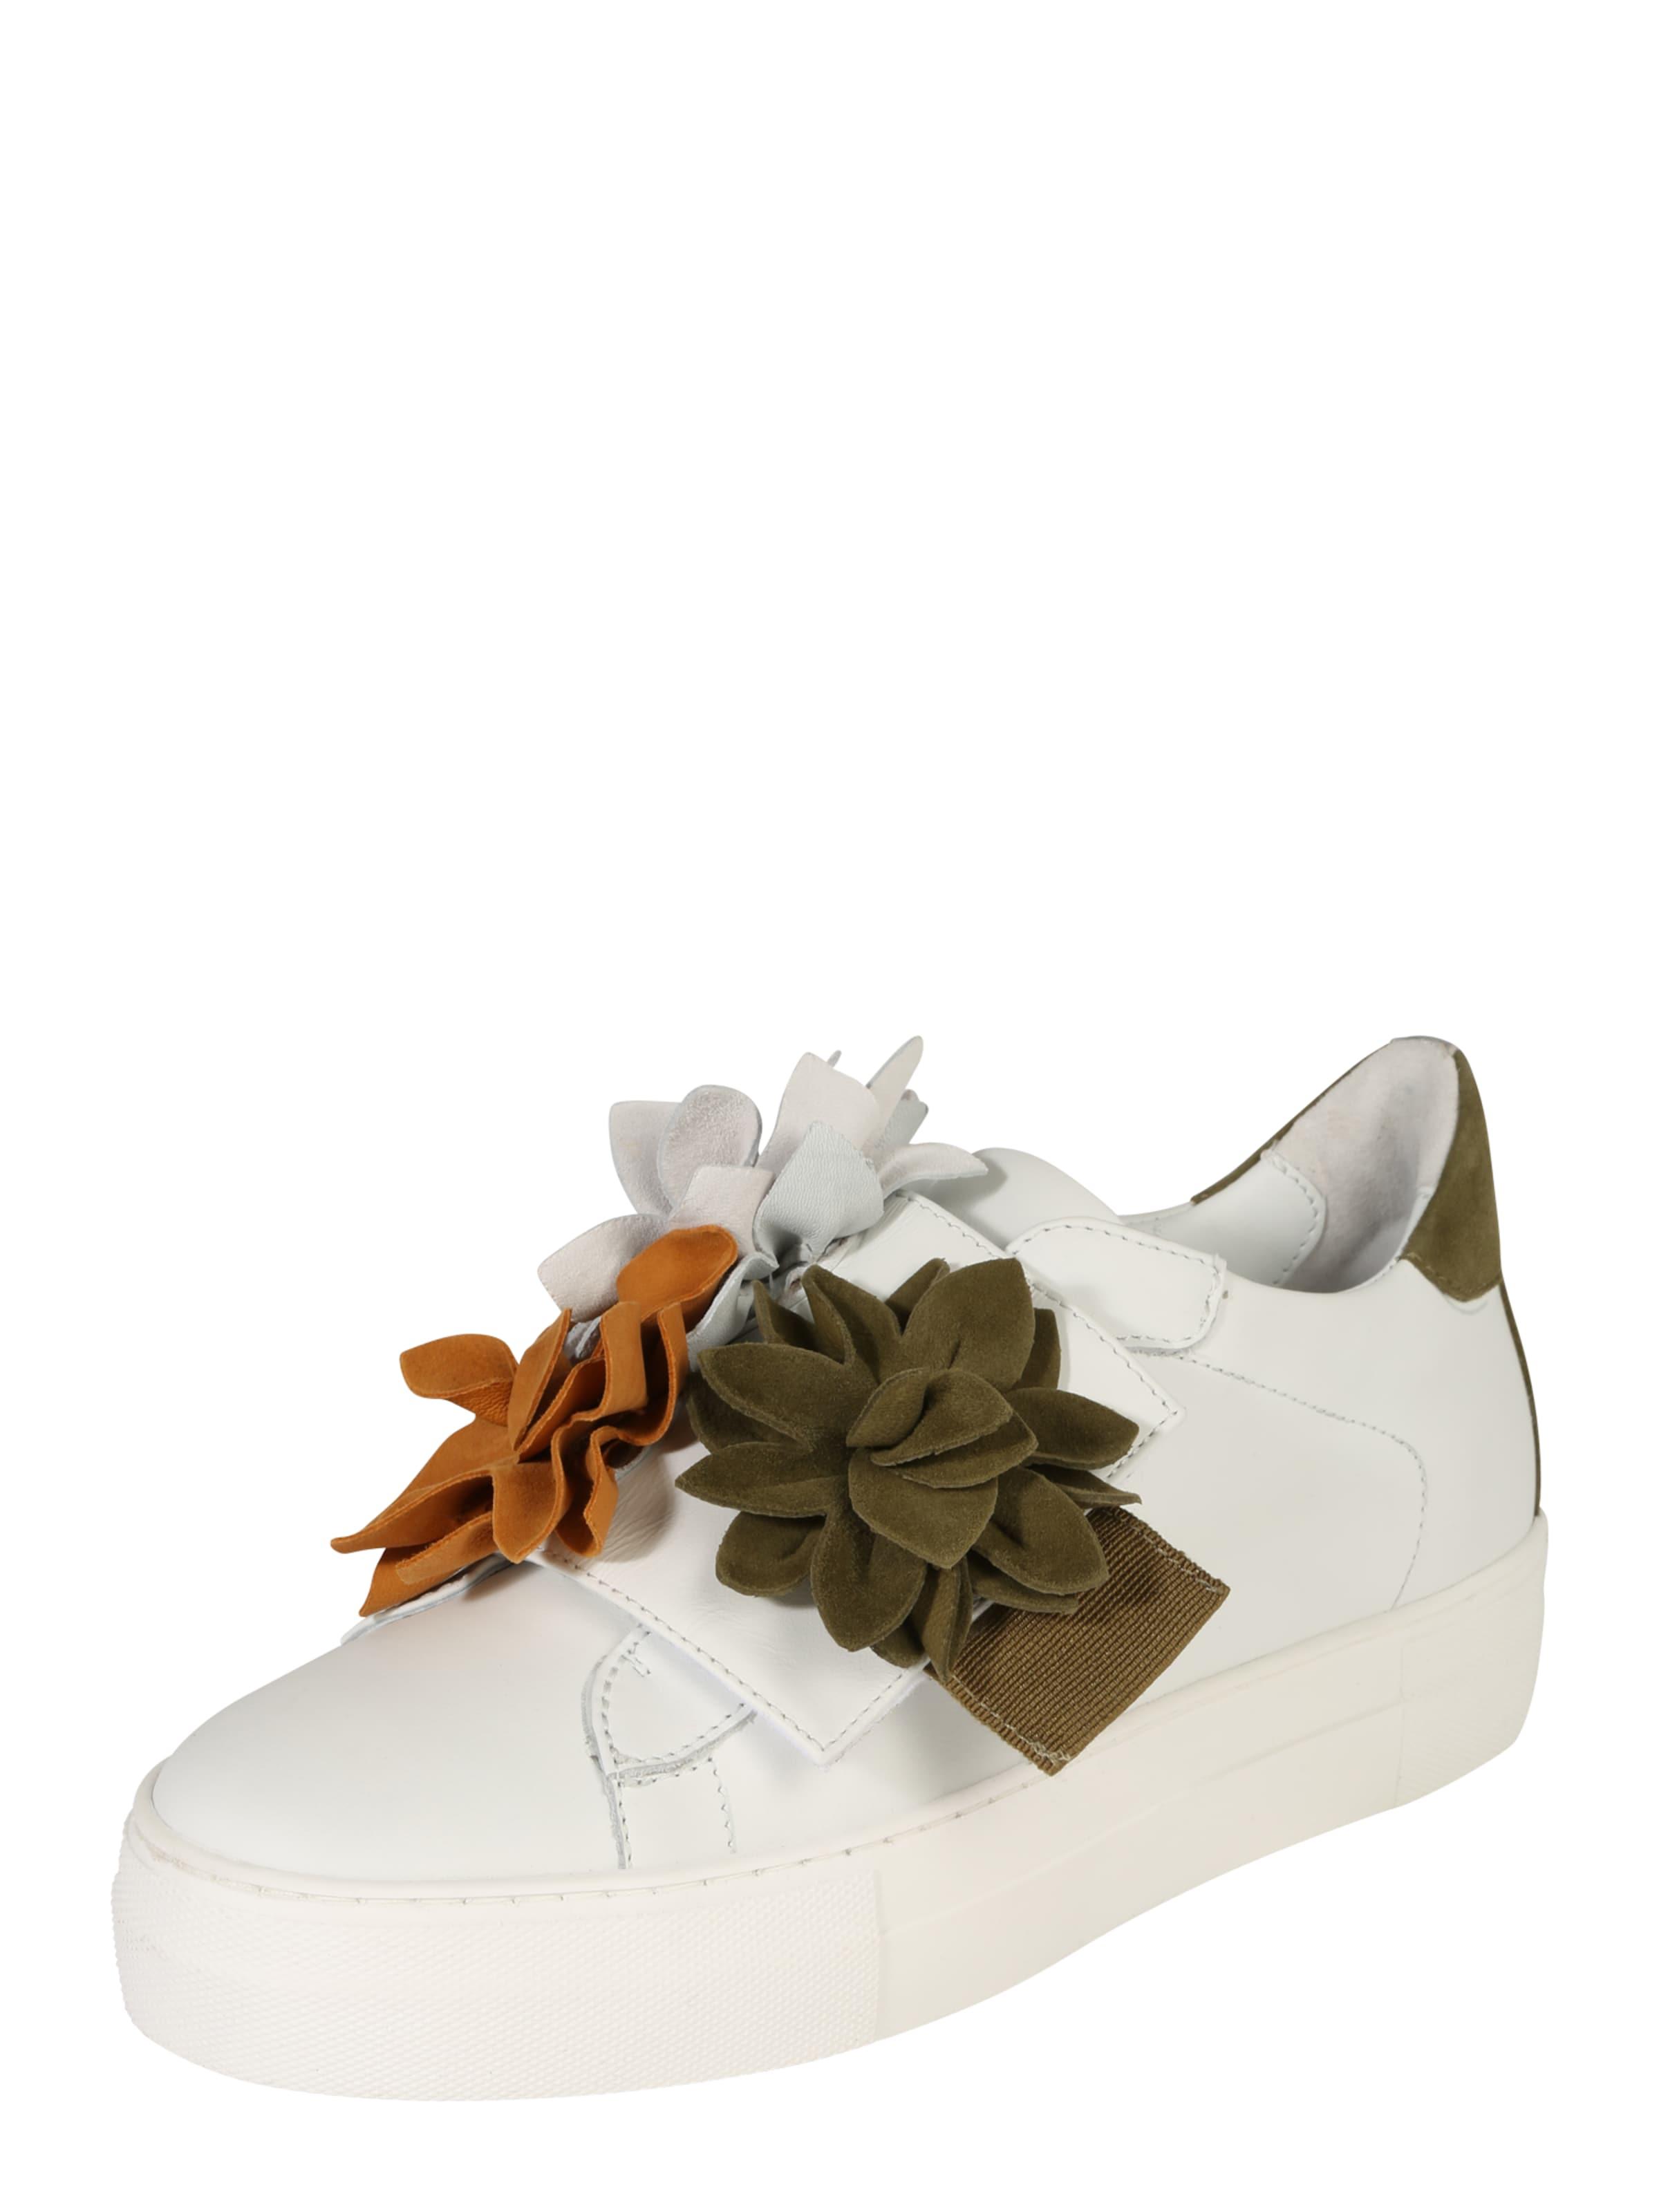 Donna Carolina Sneaker mit Blumenapplikation braun / weiß eqiDEve